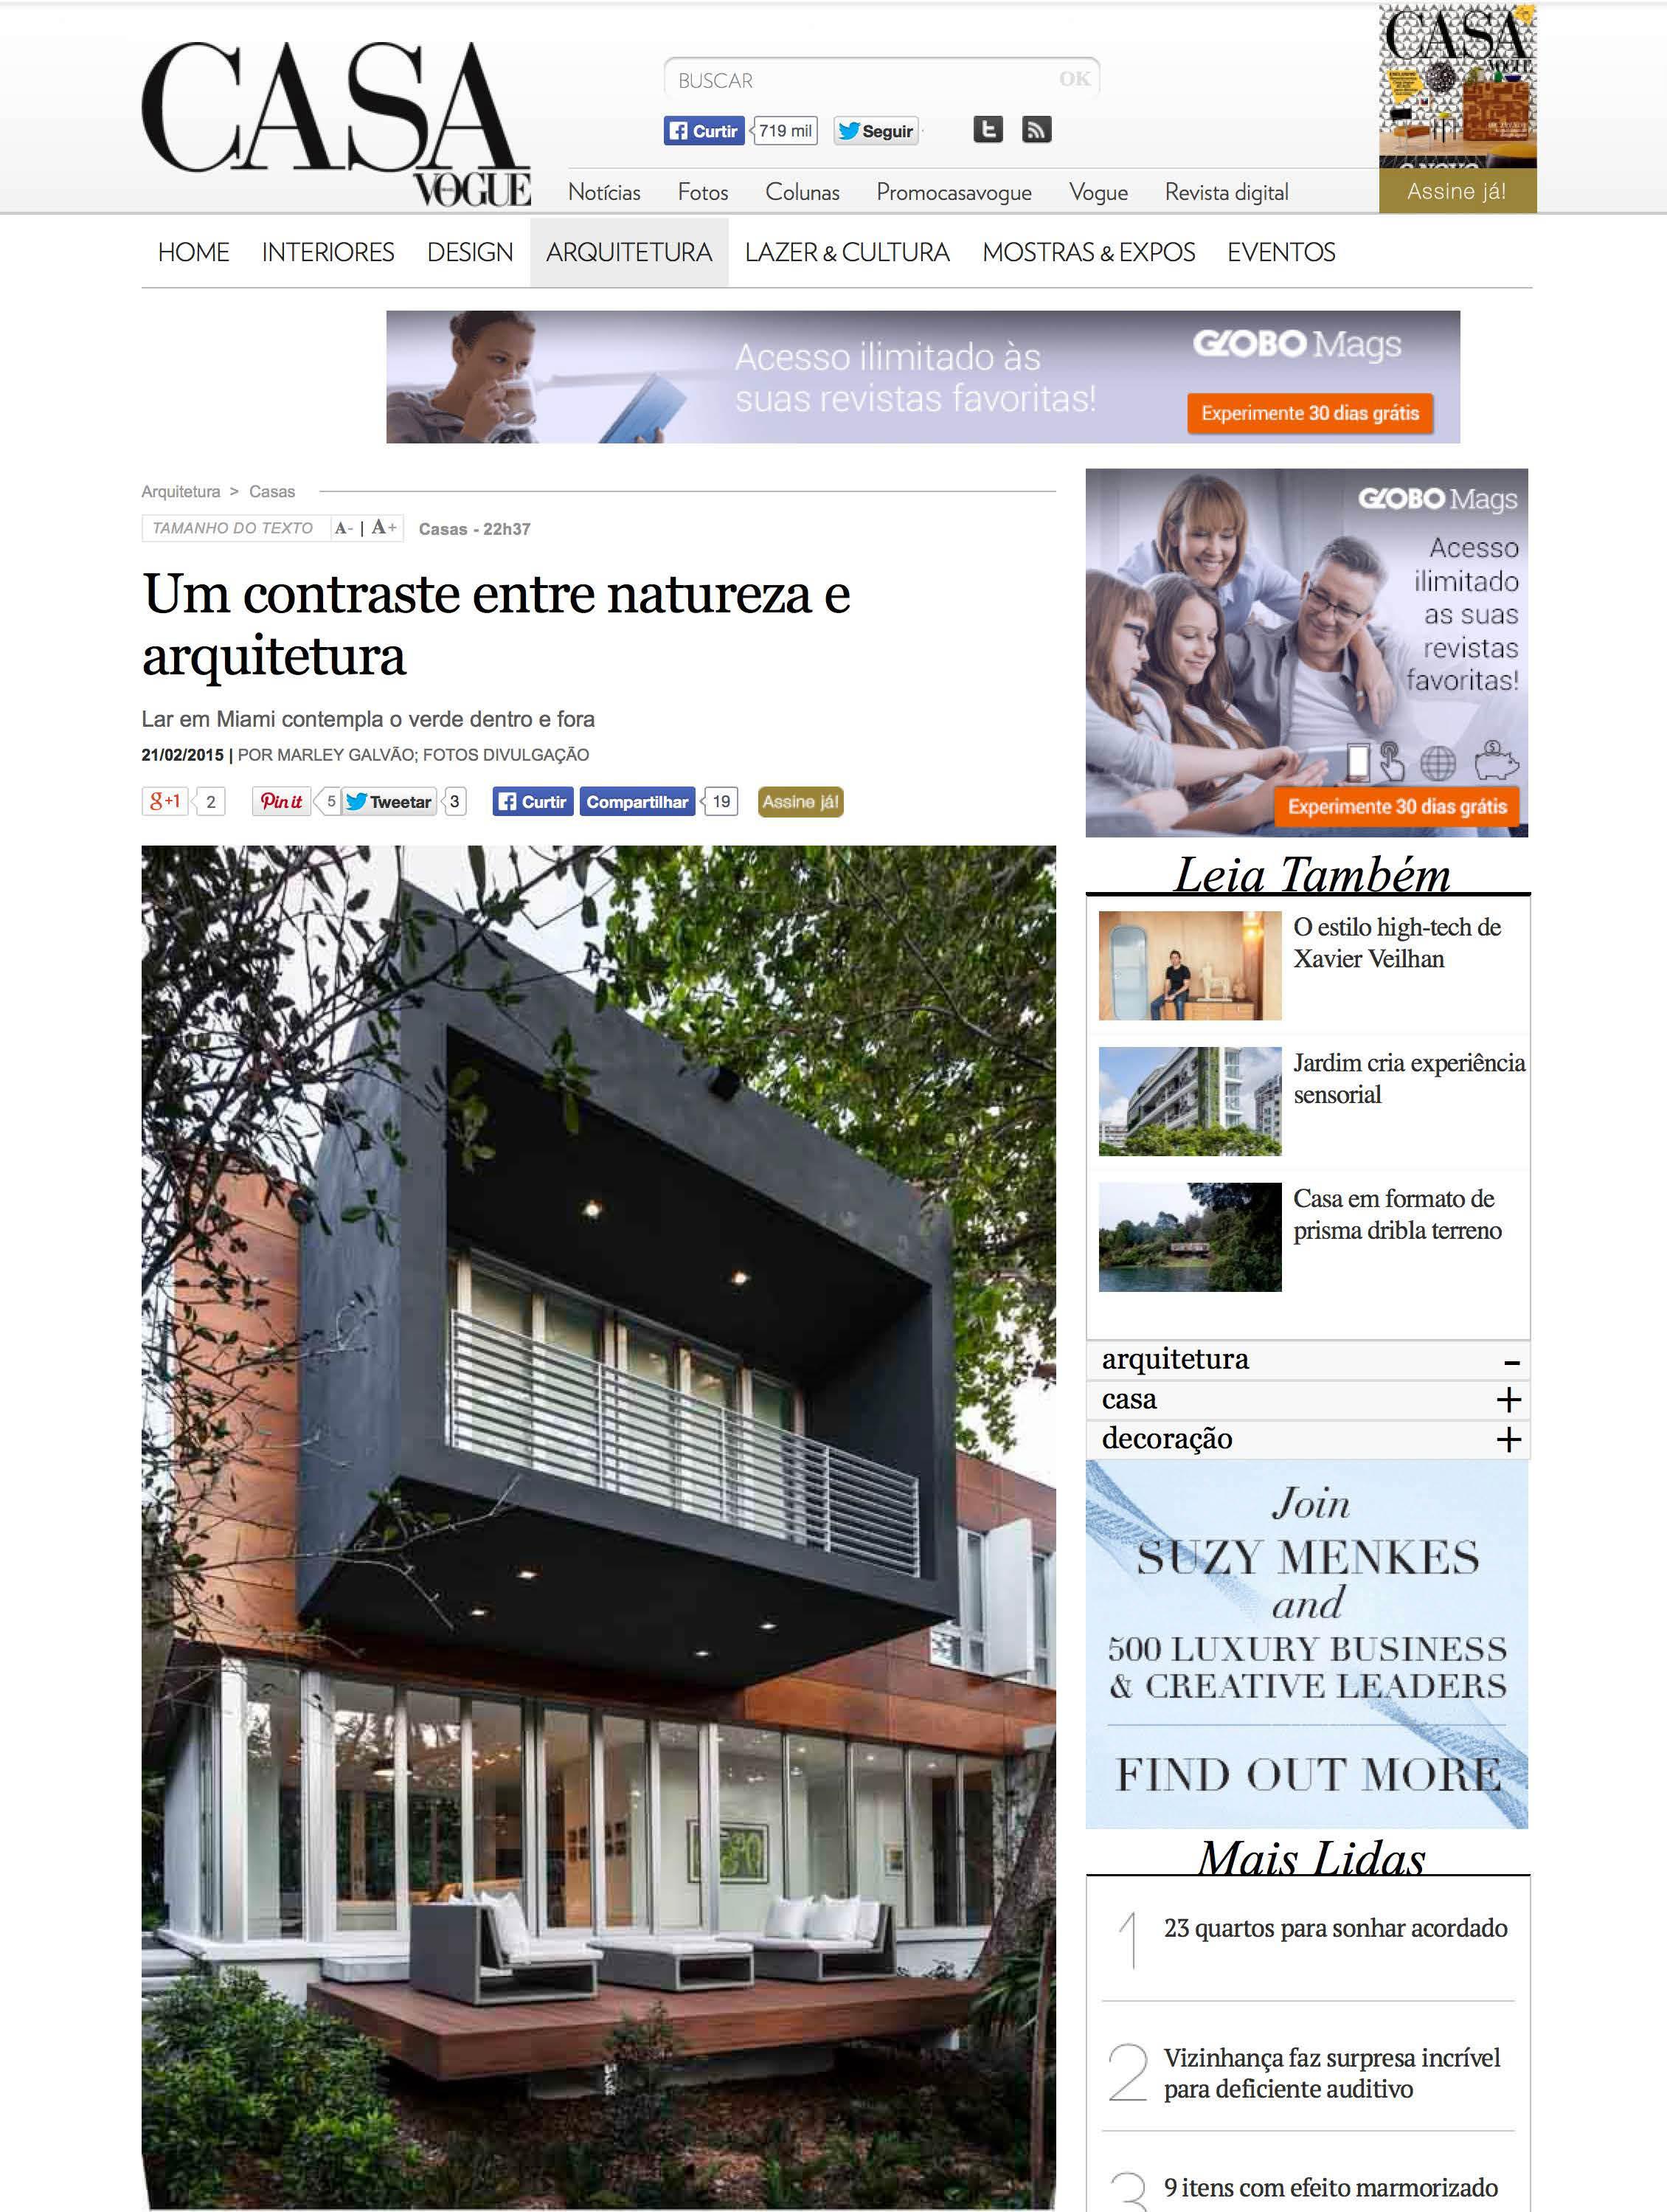 """Camp Biscayne house featured in Marley Galvao, """"Um contraste entre natureza e arquitetura,"""" Casa Vogue (Brazil), February 2015      MORE >>"""